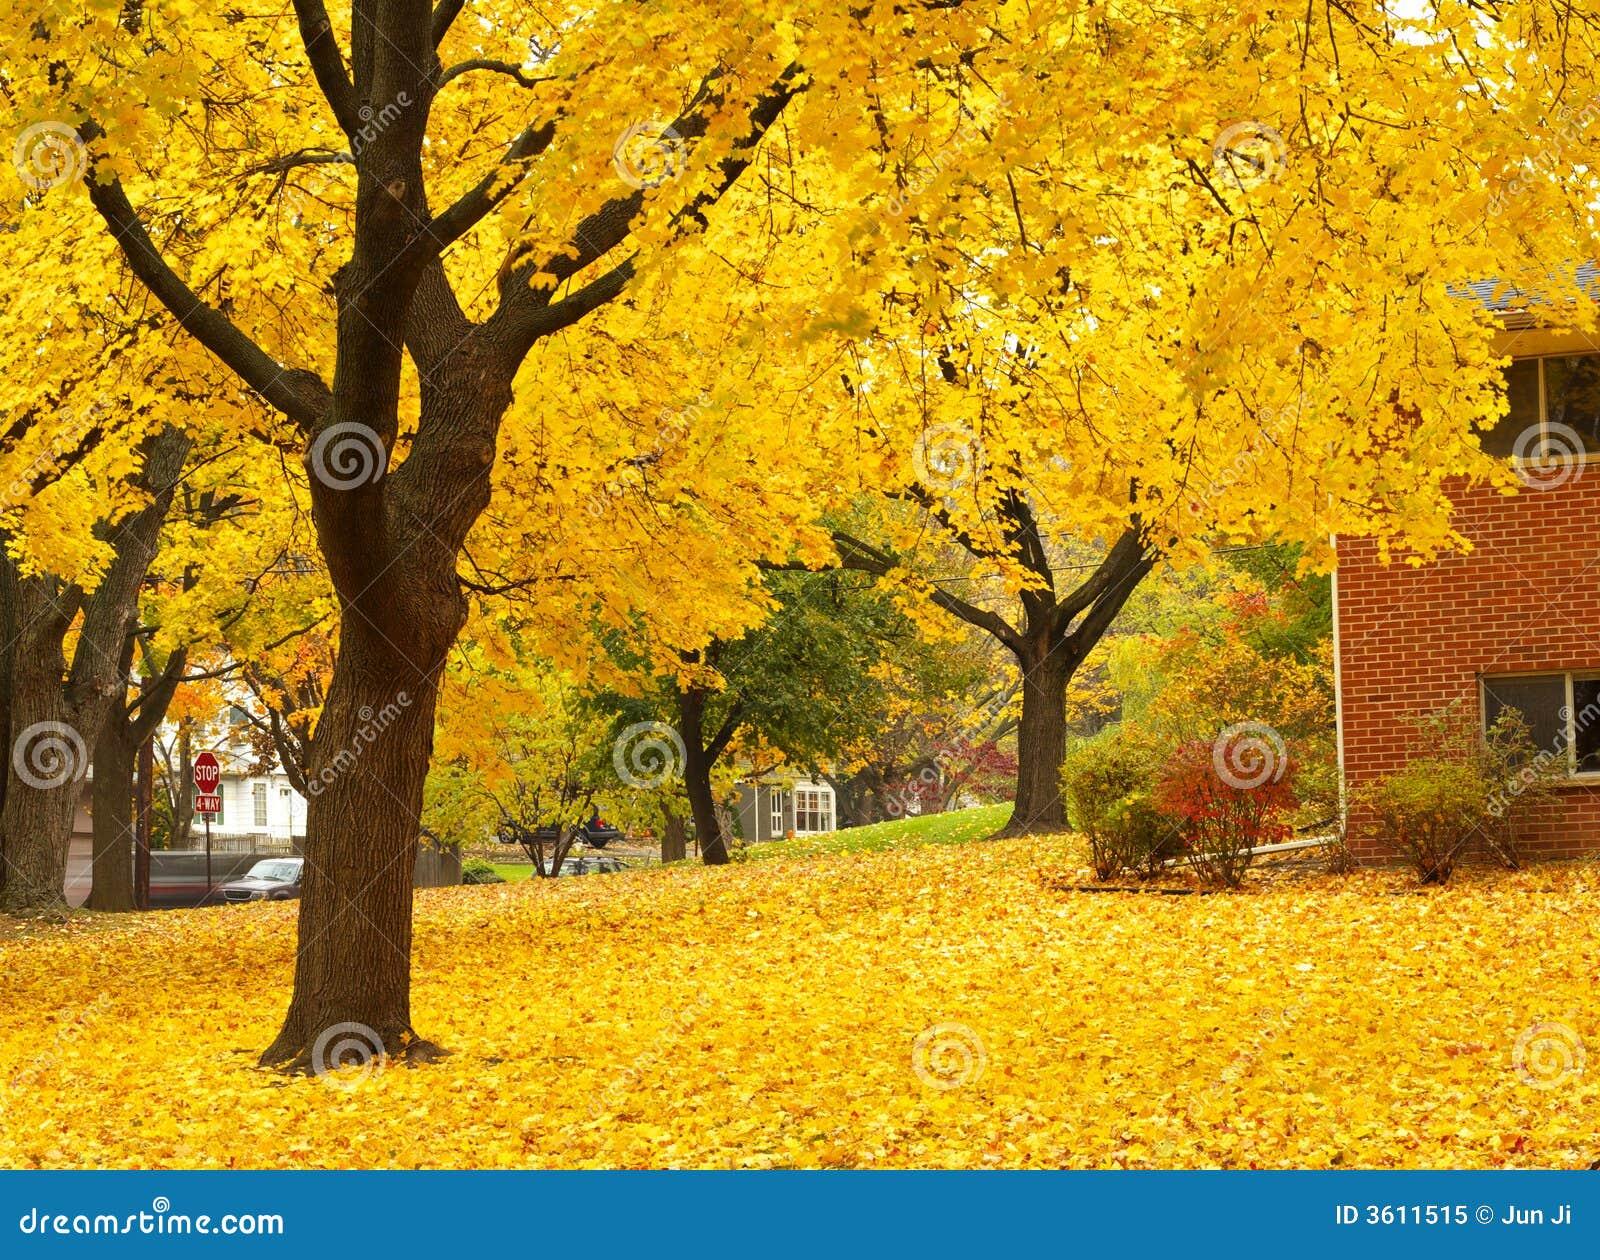 Drzewa klonowego kształtuje powierzchnię żółty